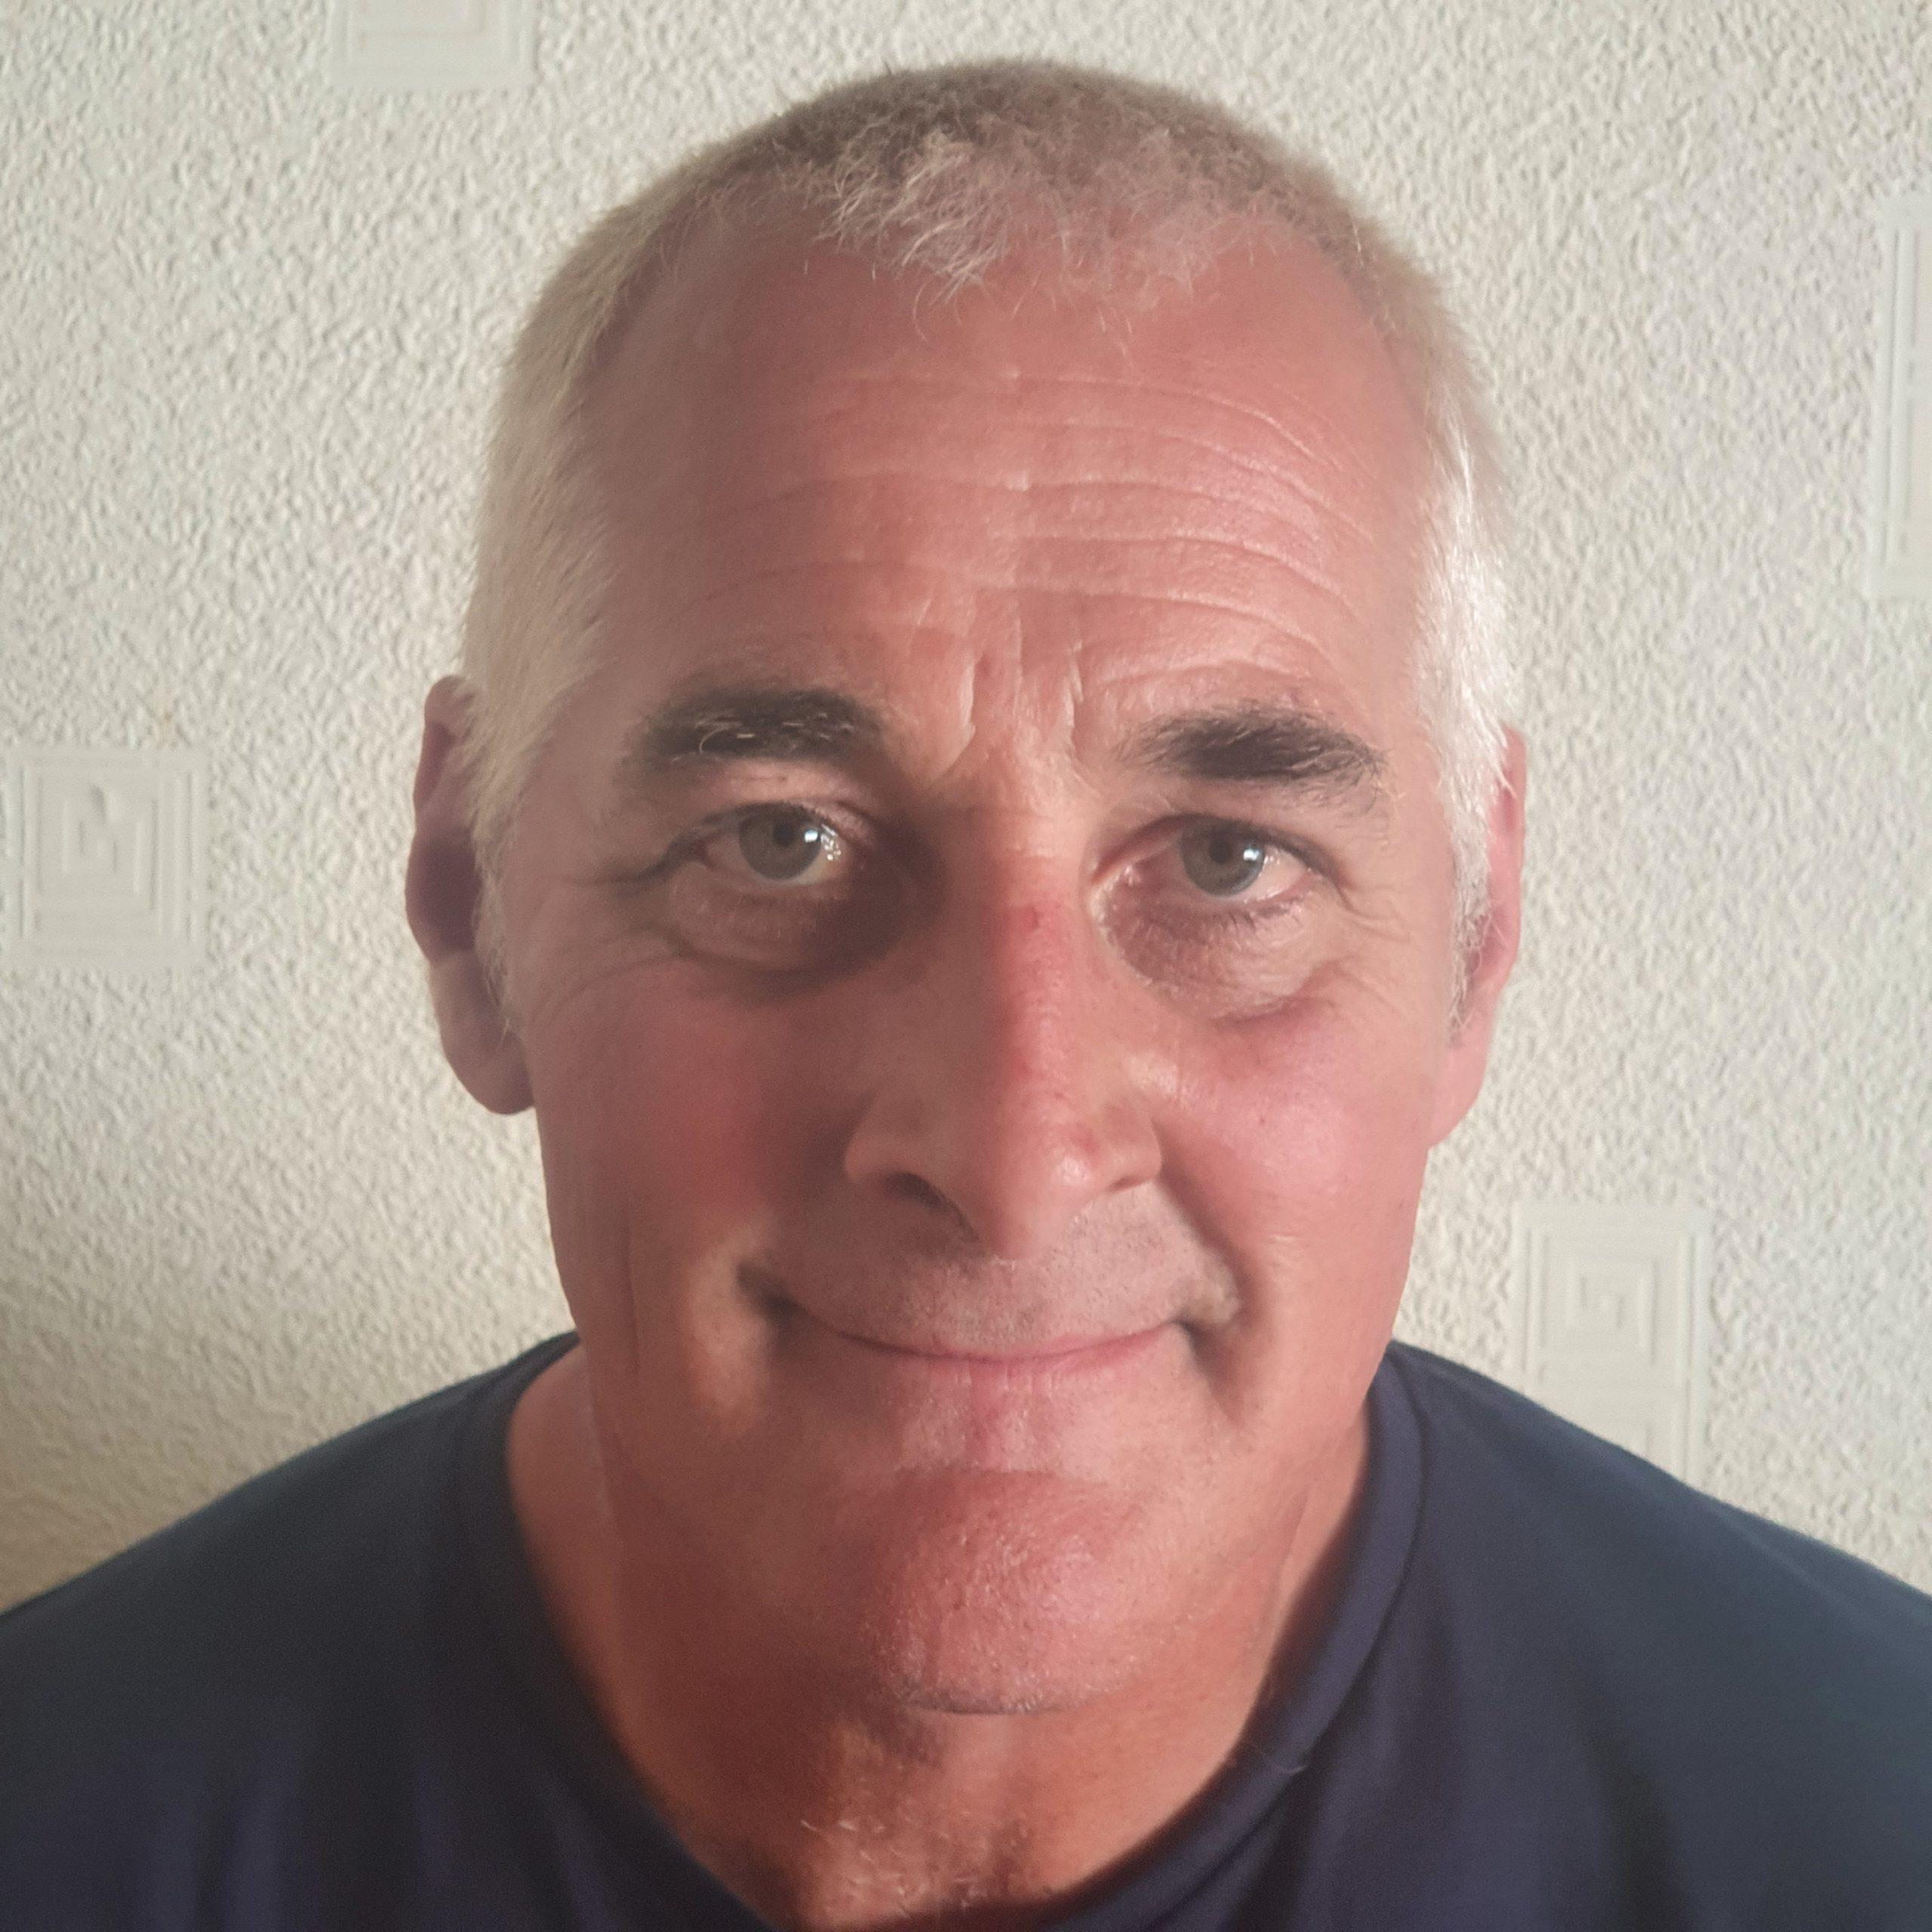 Colin Bowell